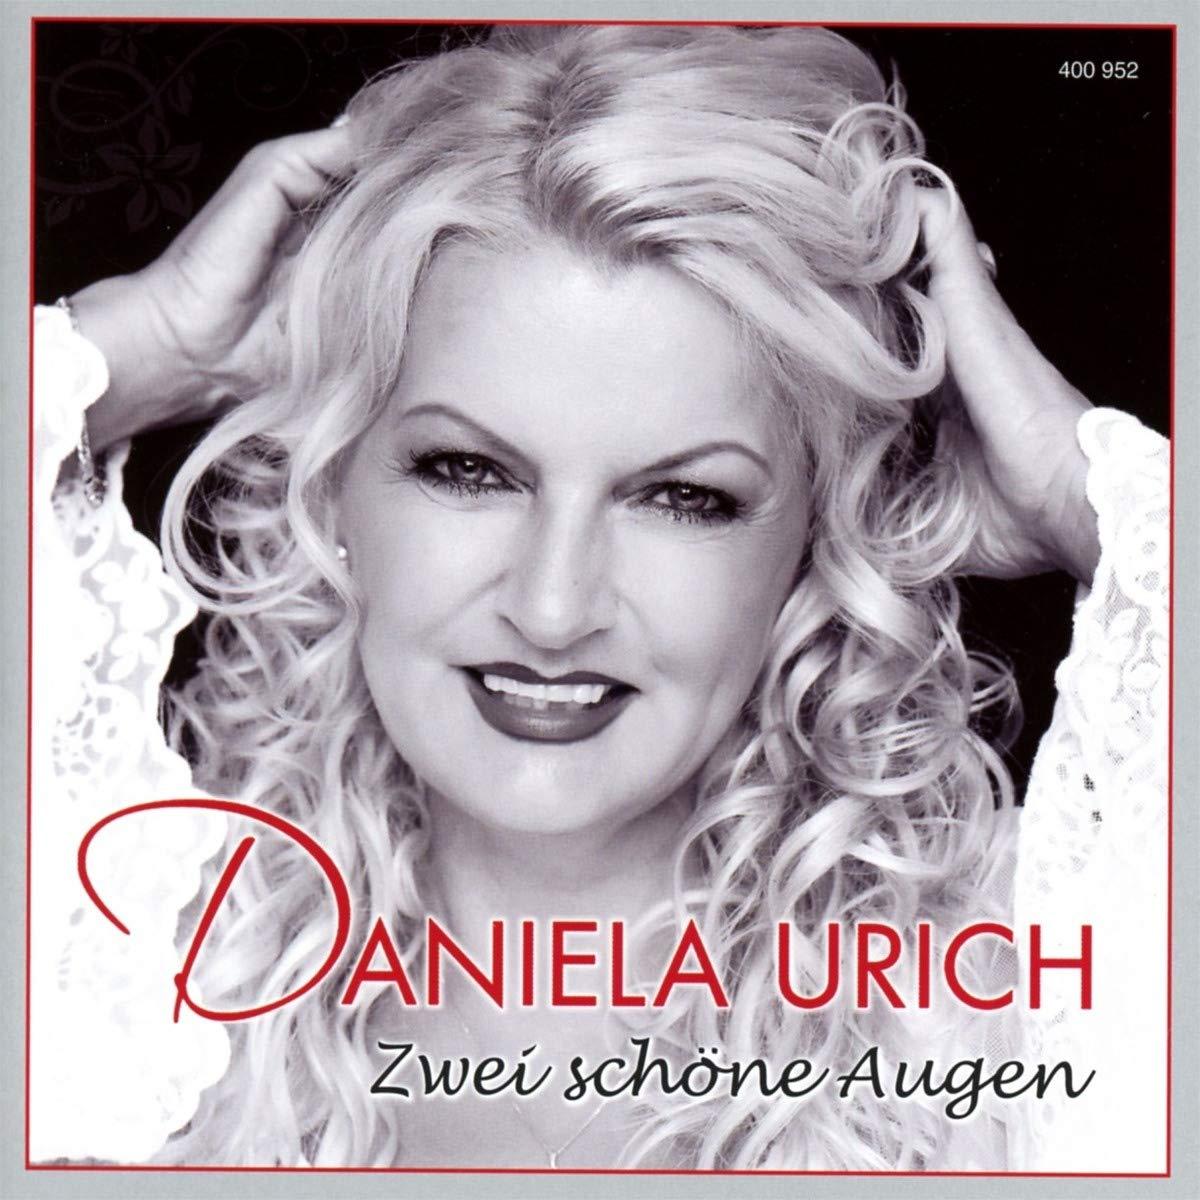 Daniela Urich - Zwei Schöne Augen - Amazon.com Music